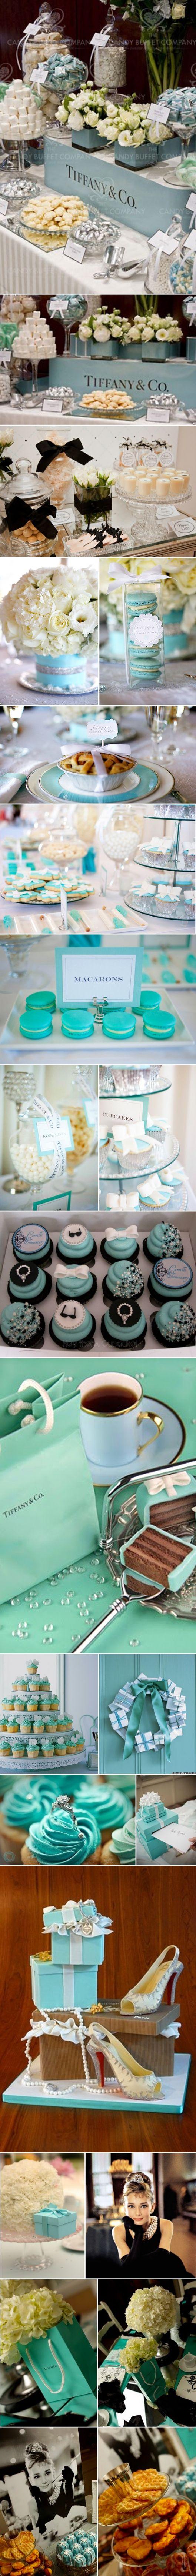 Tiffany & Co. Party idea :)